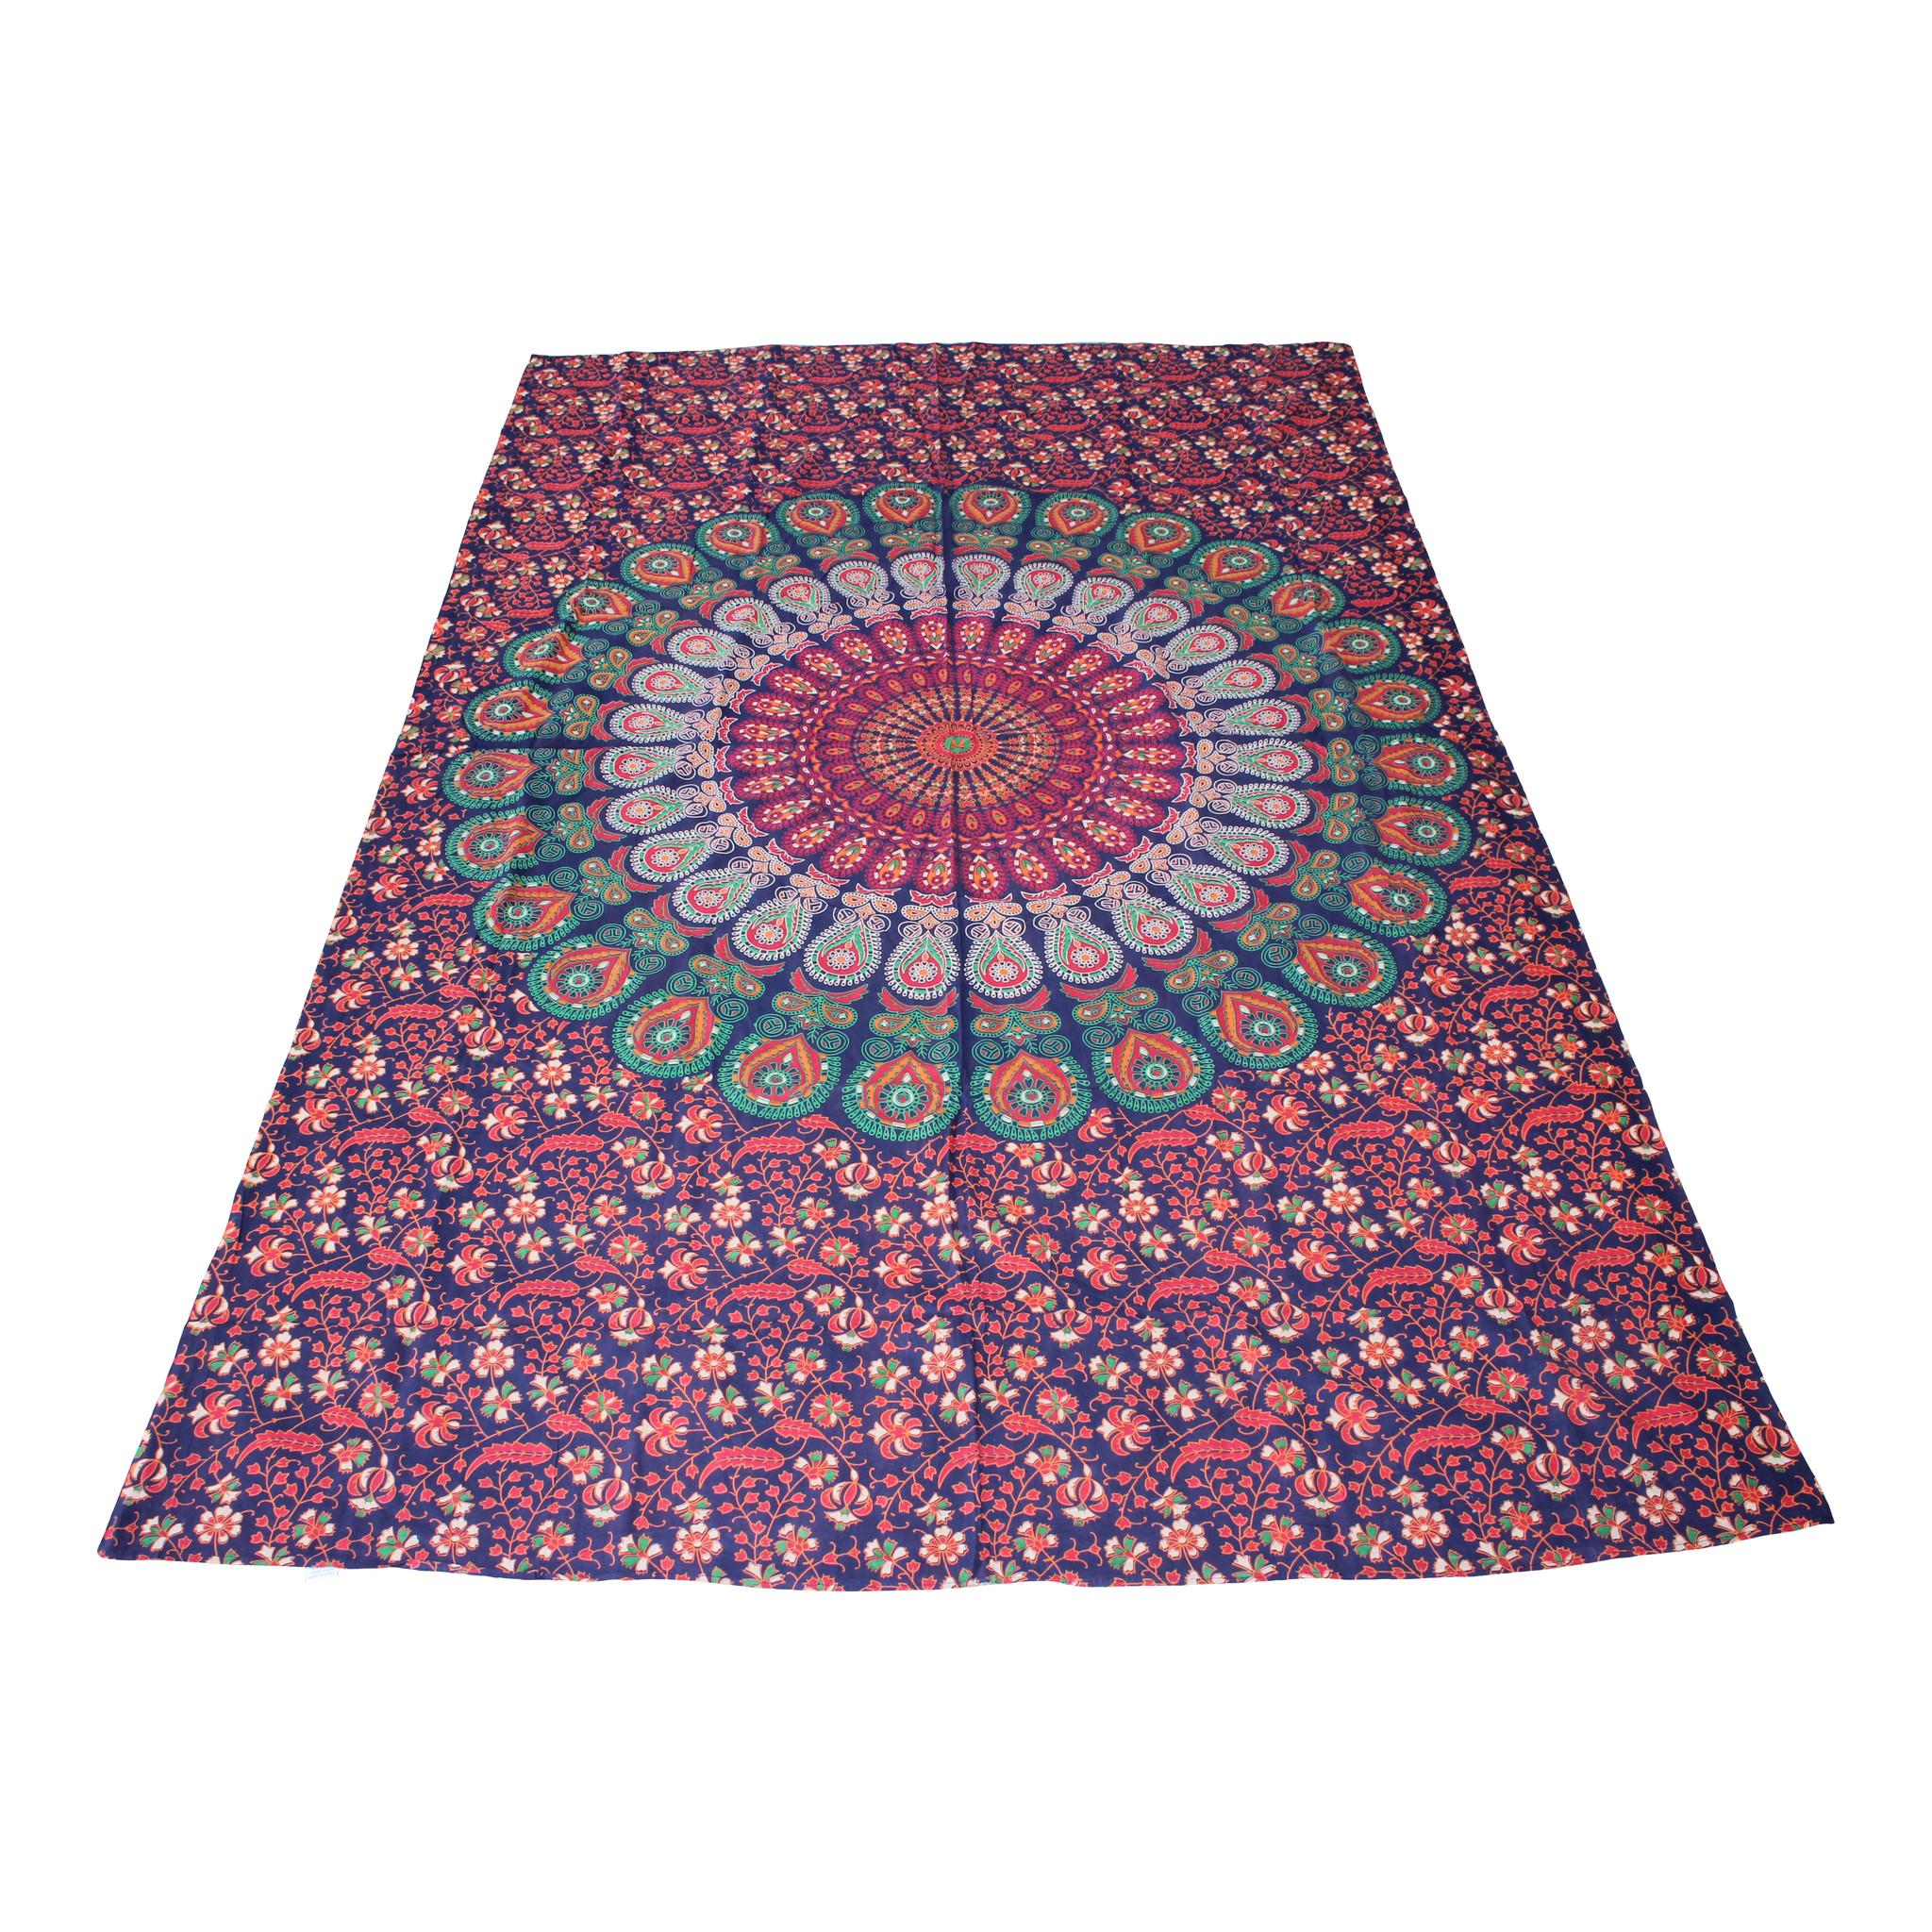 Myroundie Myroundie – roundie  - rechthoekig strandlaken – strandkleed - yoga kleed - picknickkleed - speelkleed - muurkleed - 100% katoen  - 140 x 210 cm - 840